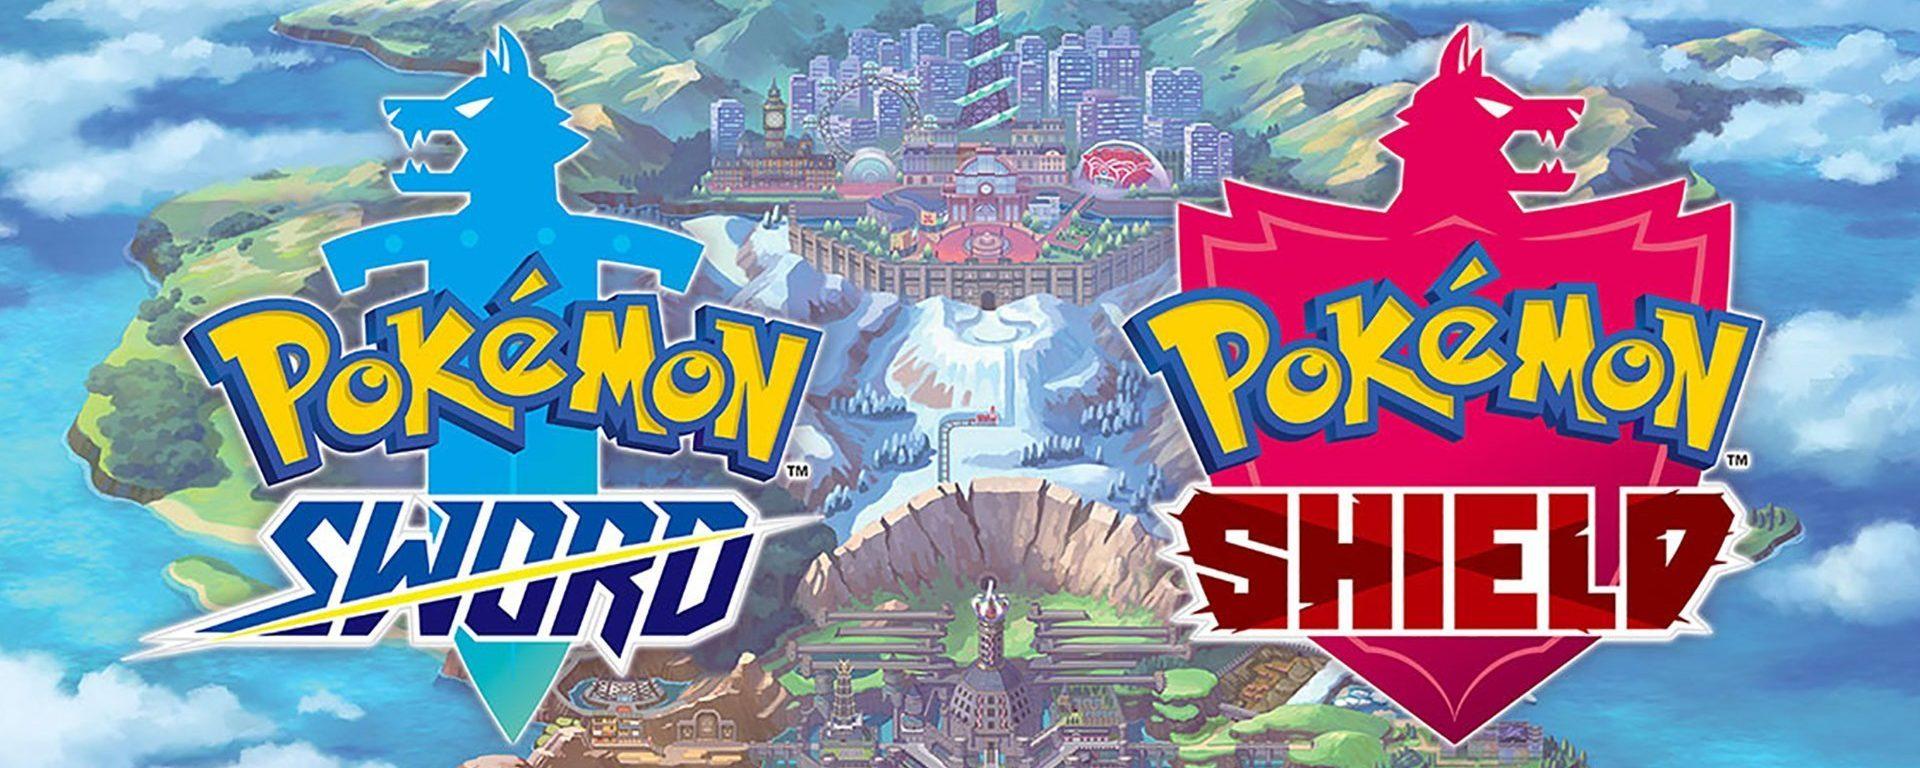 Pokémon-Sword-Shield-Observatório-de-Games